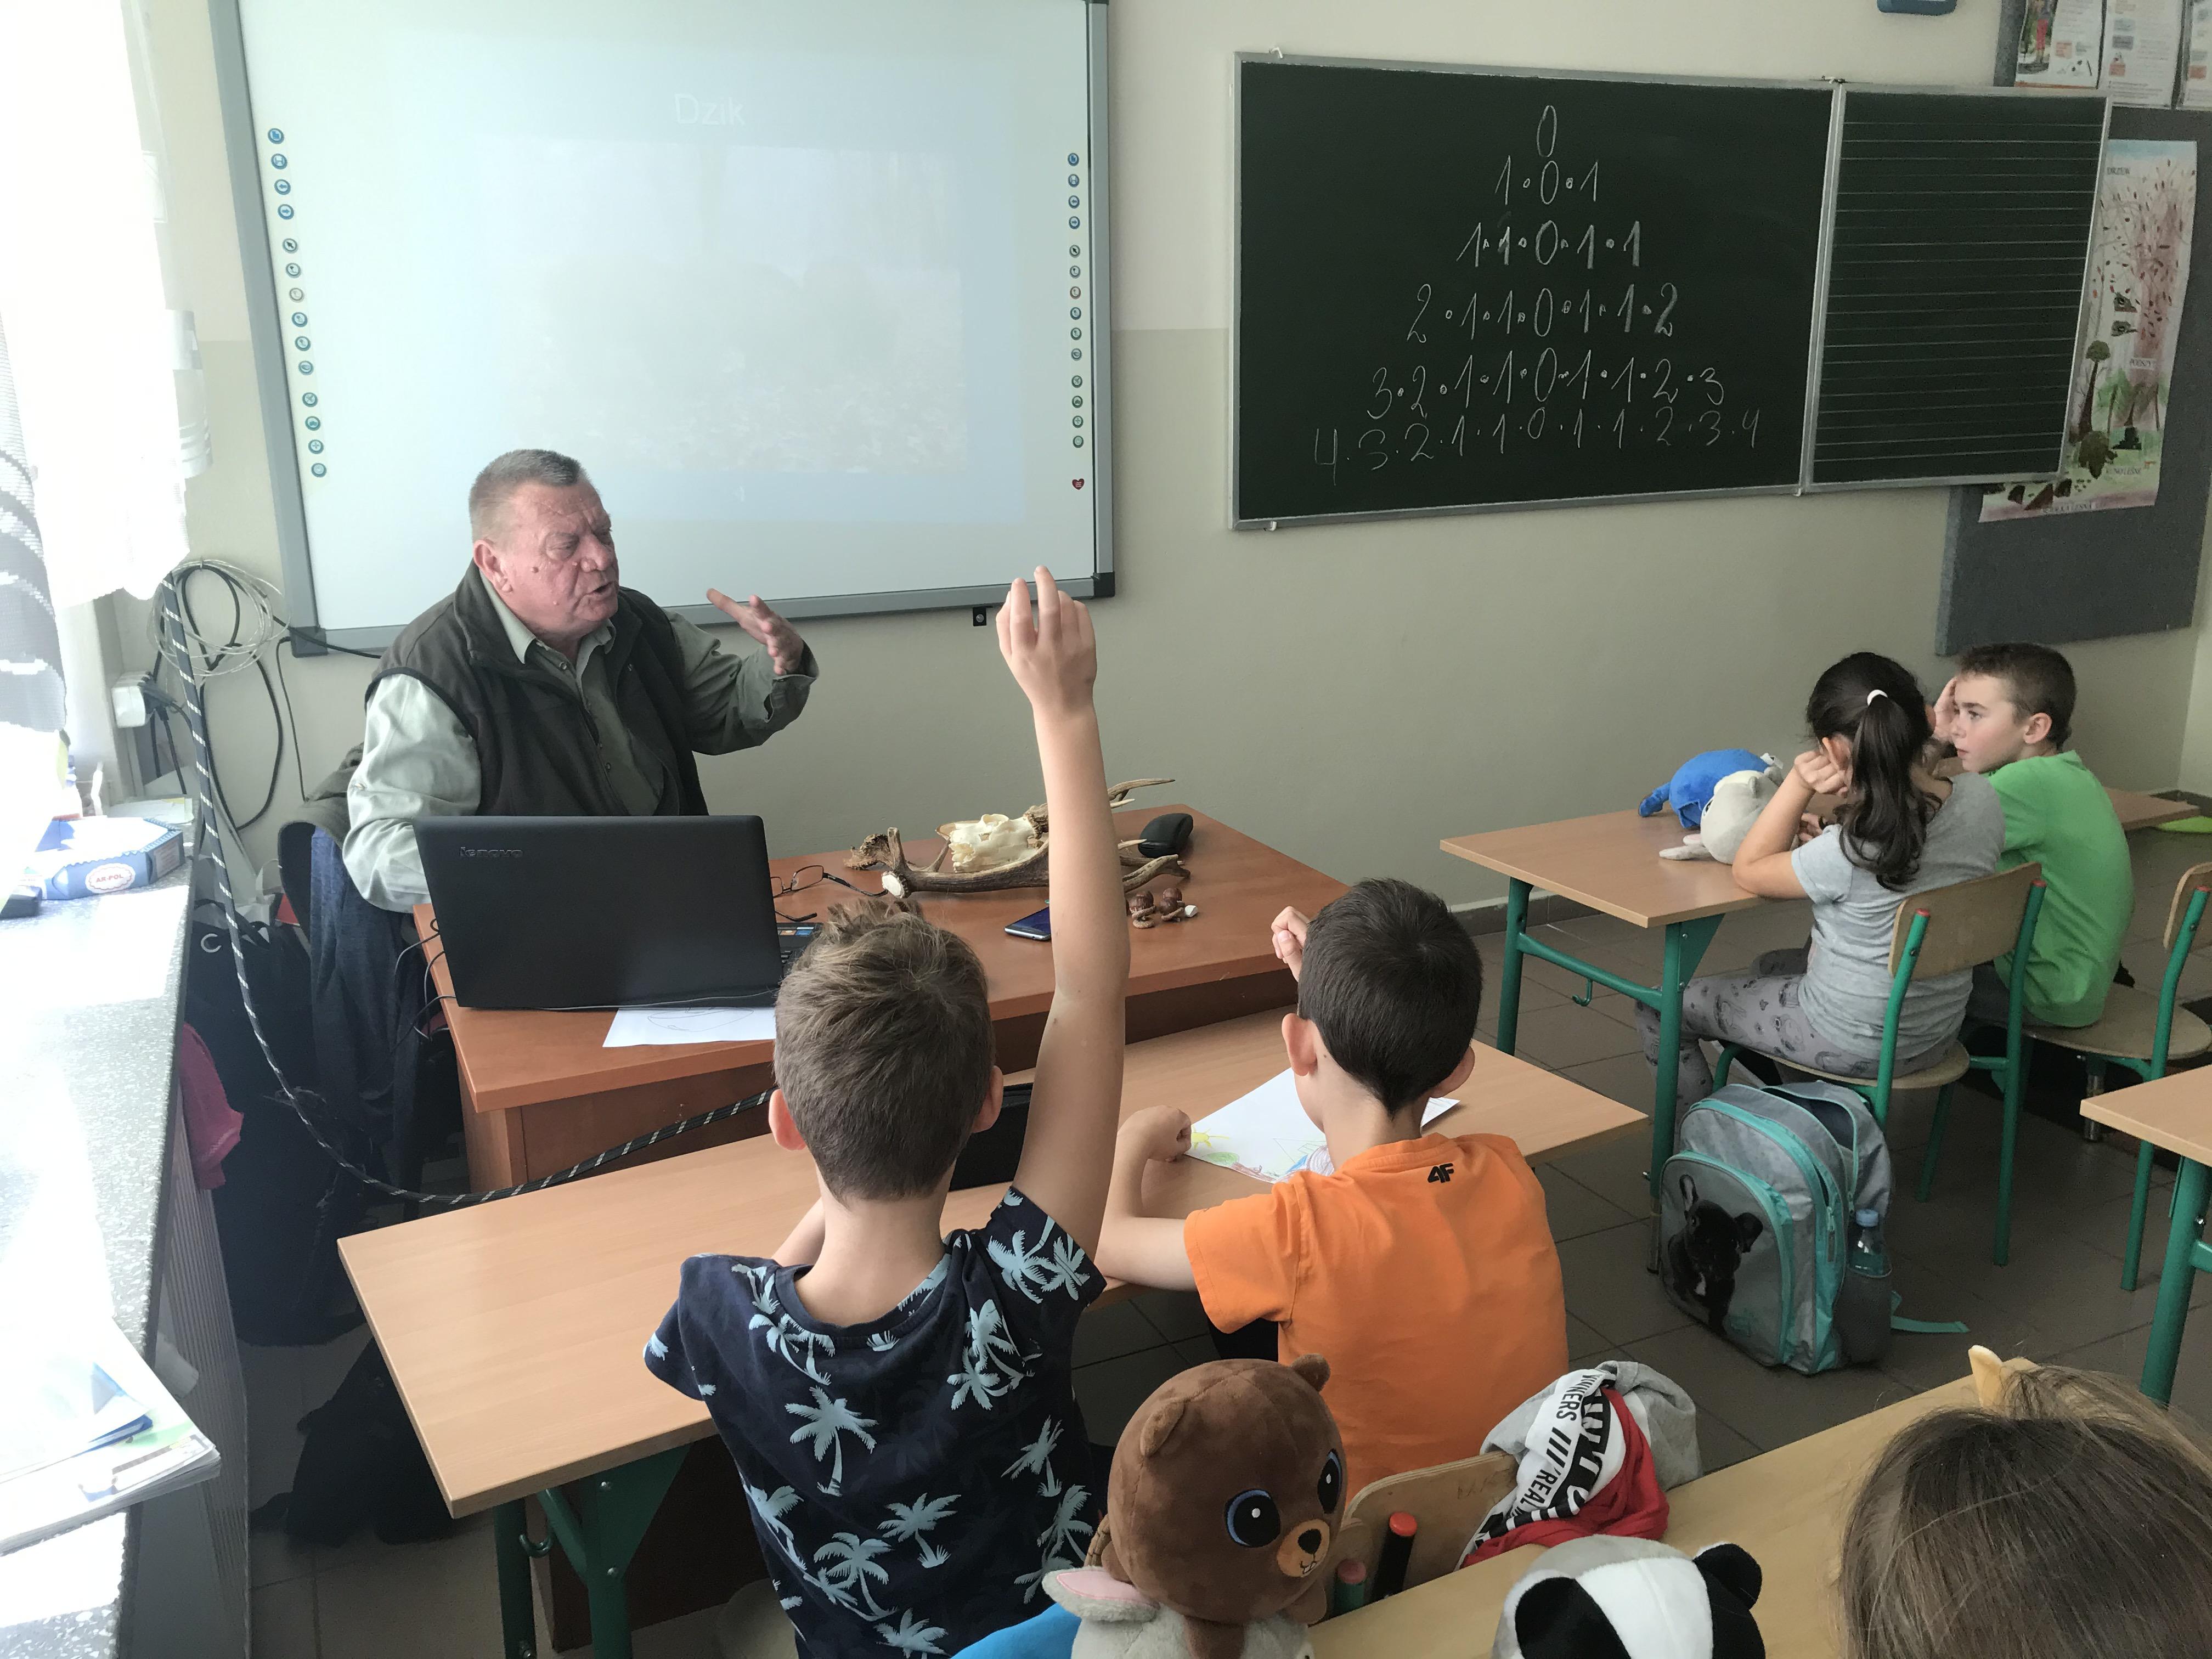 Zajęcia edukacyjne👩🏫 dla uczniów klasy III w Zespole Szkół w Radomyślu nad Sanem.